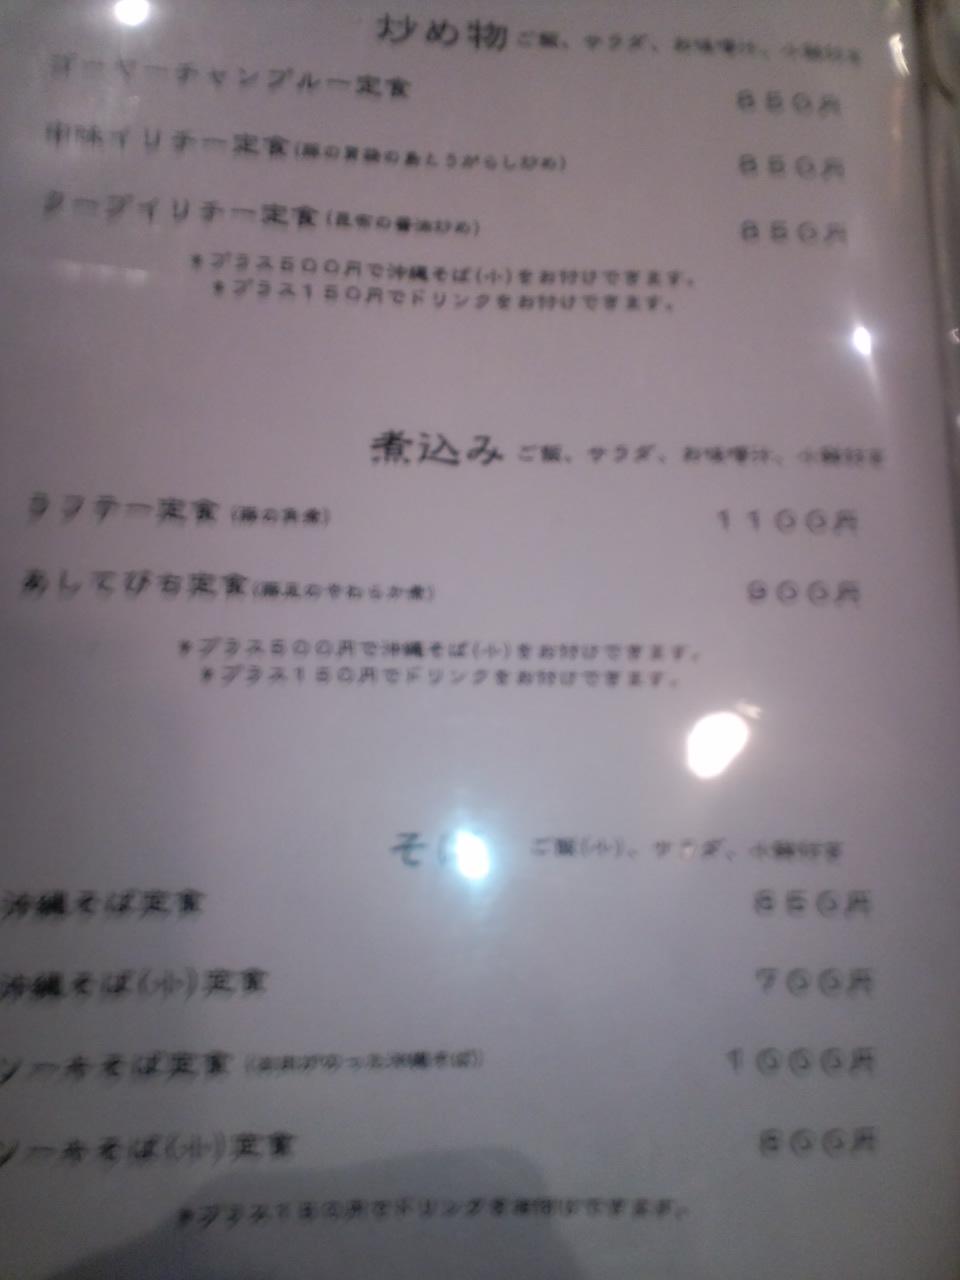 okinawa_menyu2